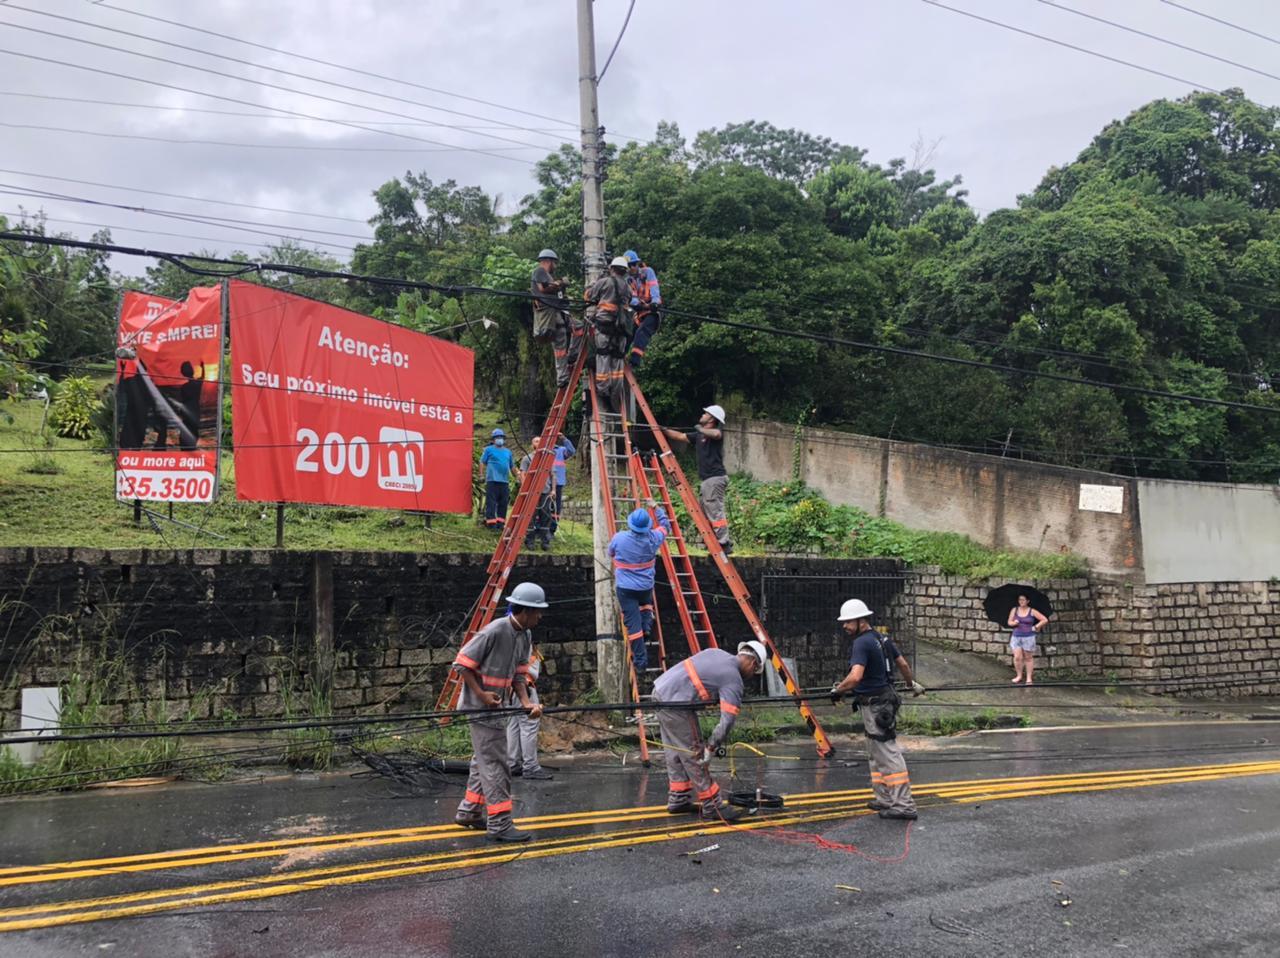 Um poste de energia elétrica caído na Rodovia João Paulo em Florianópolis deixou o trânsito bloqueado no local, por volta das 9h desta sexta. Ele foi substituído por volta das 11h30 e o tráfego liberado.. - Divulgação/ND